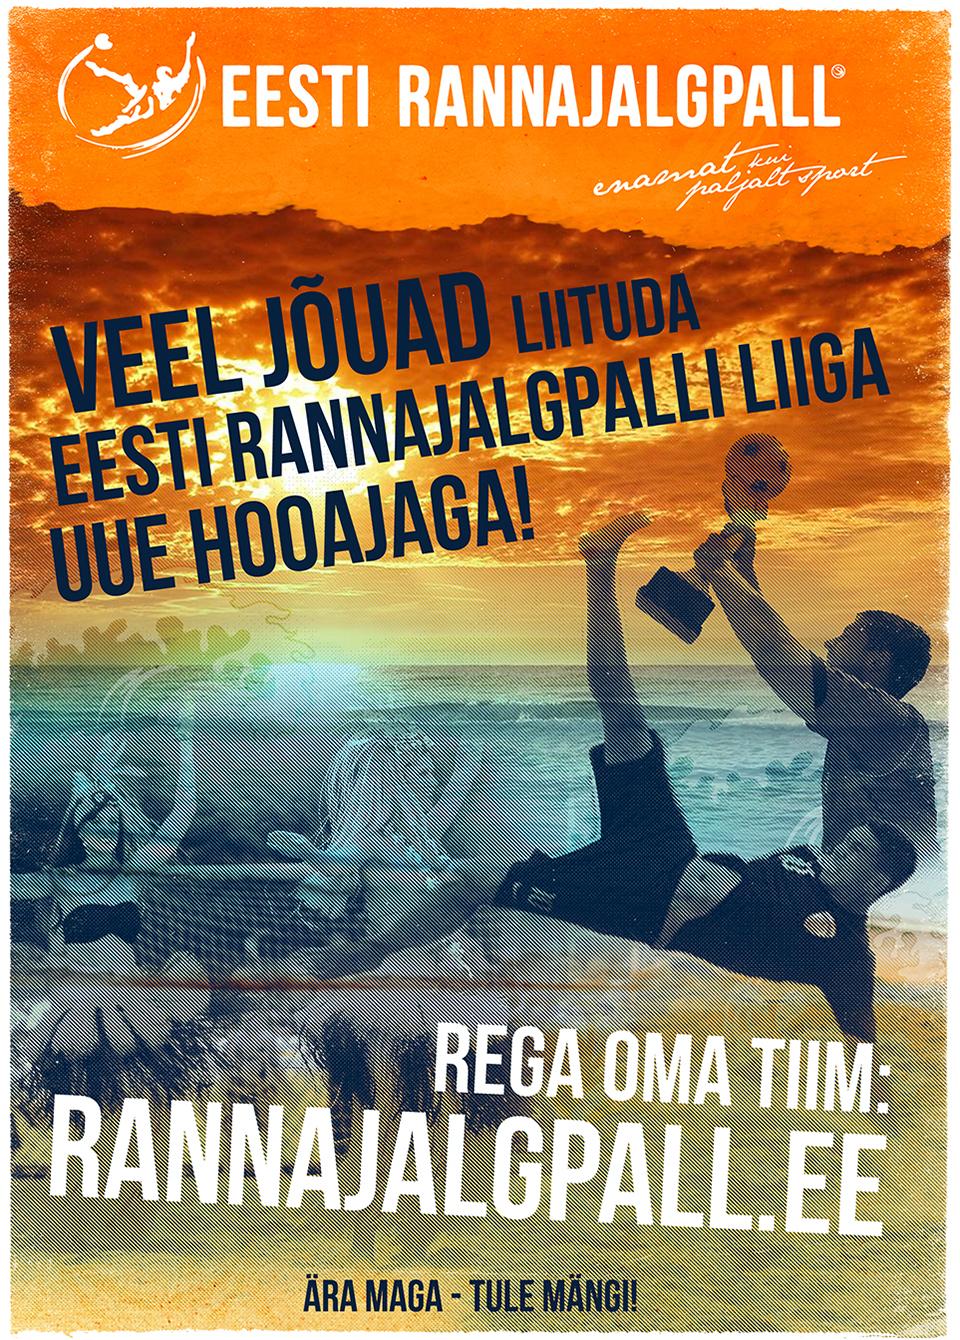 Rannajalgpall-poster-1